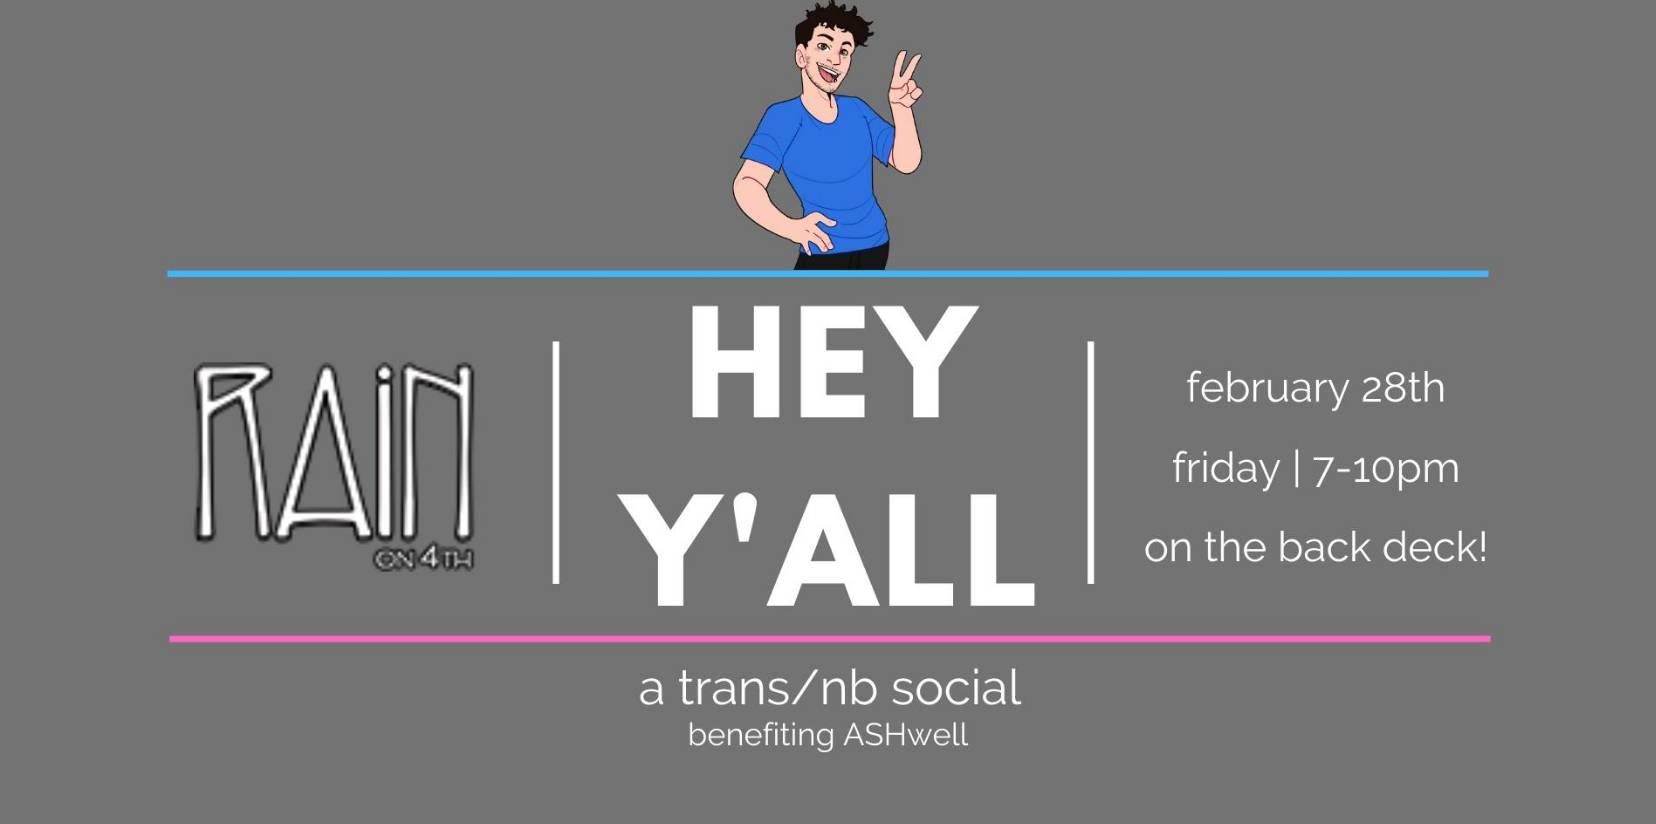 Hey Y'all: a trans/nb social